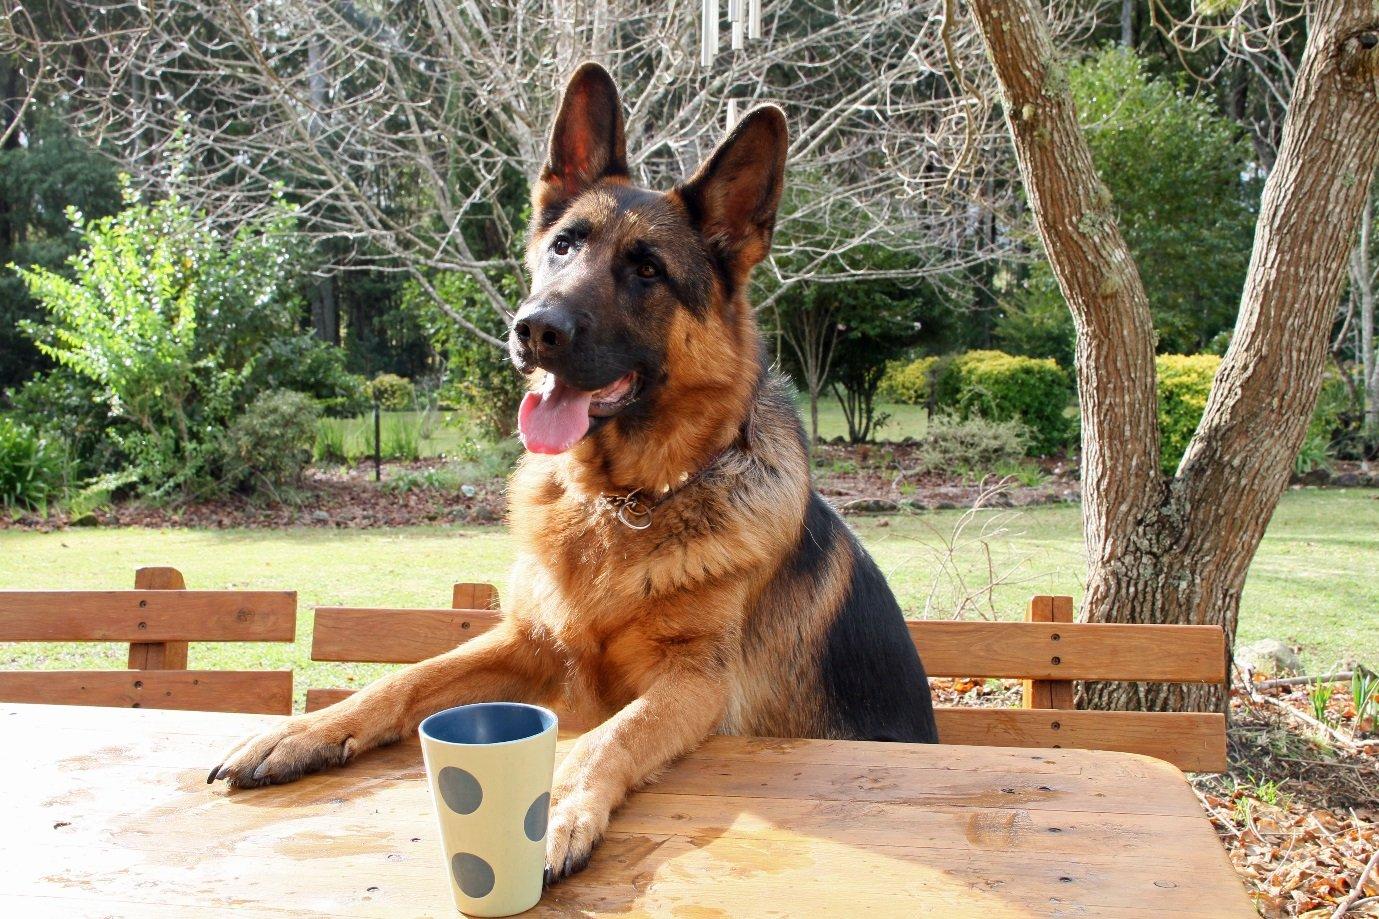 Kinh nghiệm nuôi dưỡng và chăm sóc chó Becgie bạn nên biết